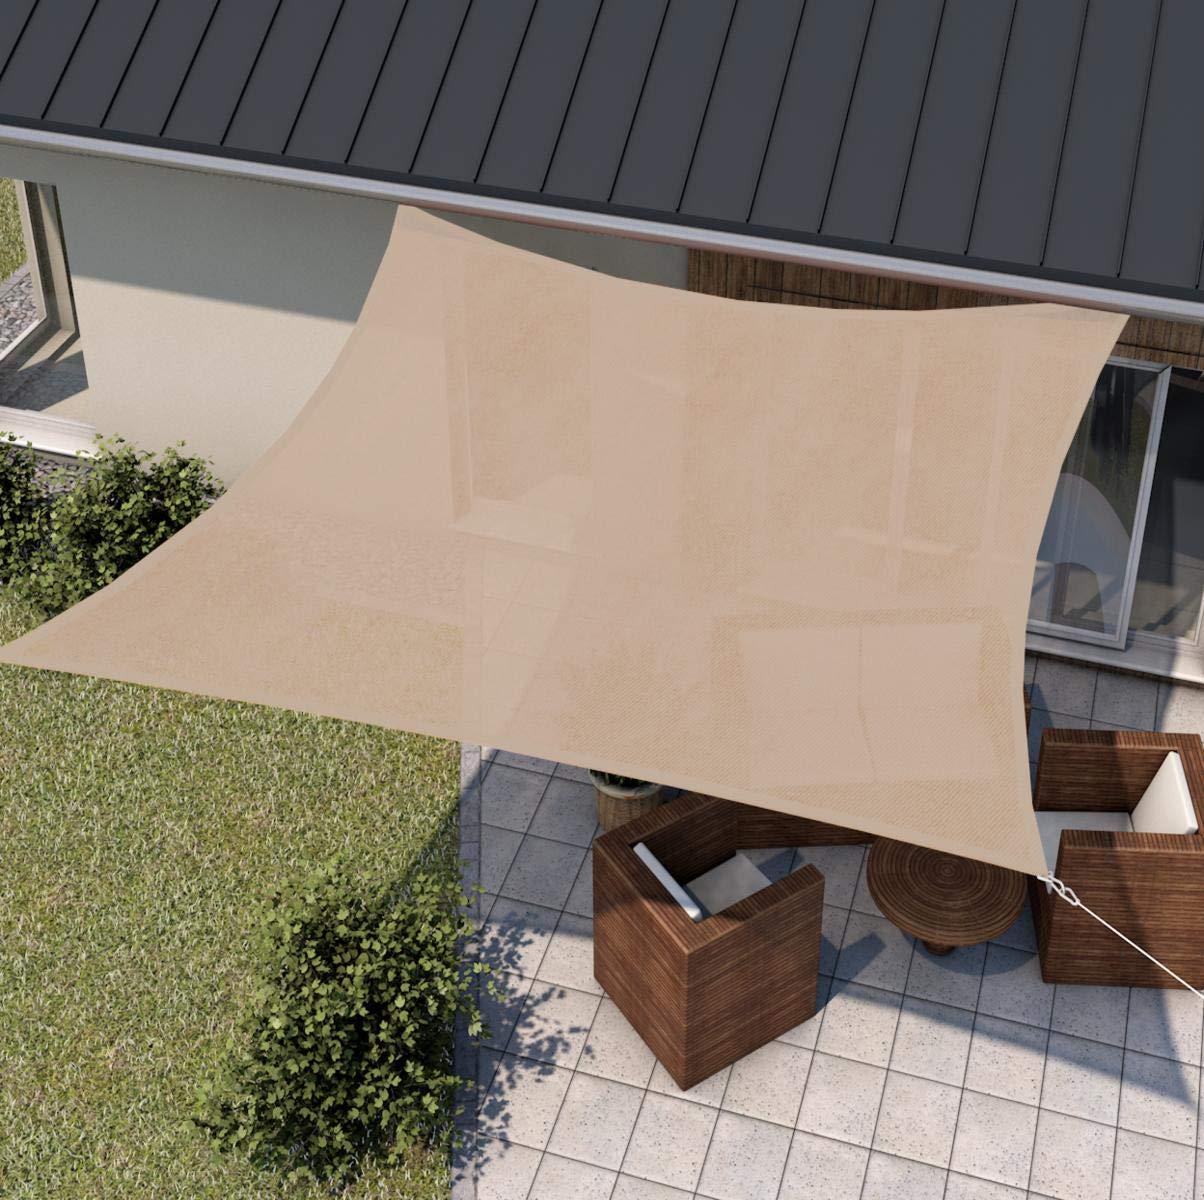 wip Sonnensegel als Sonnenschutz für Terrasse + Balkon I HDPE-Gewebe UV-stabil, atmungsaktiv I Form Größe Farbe